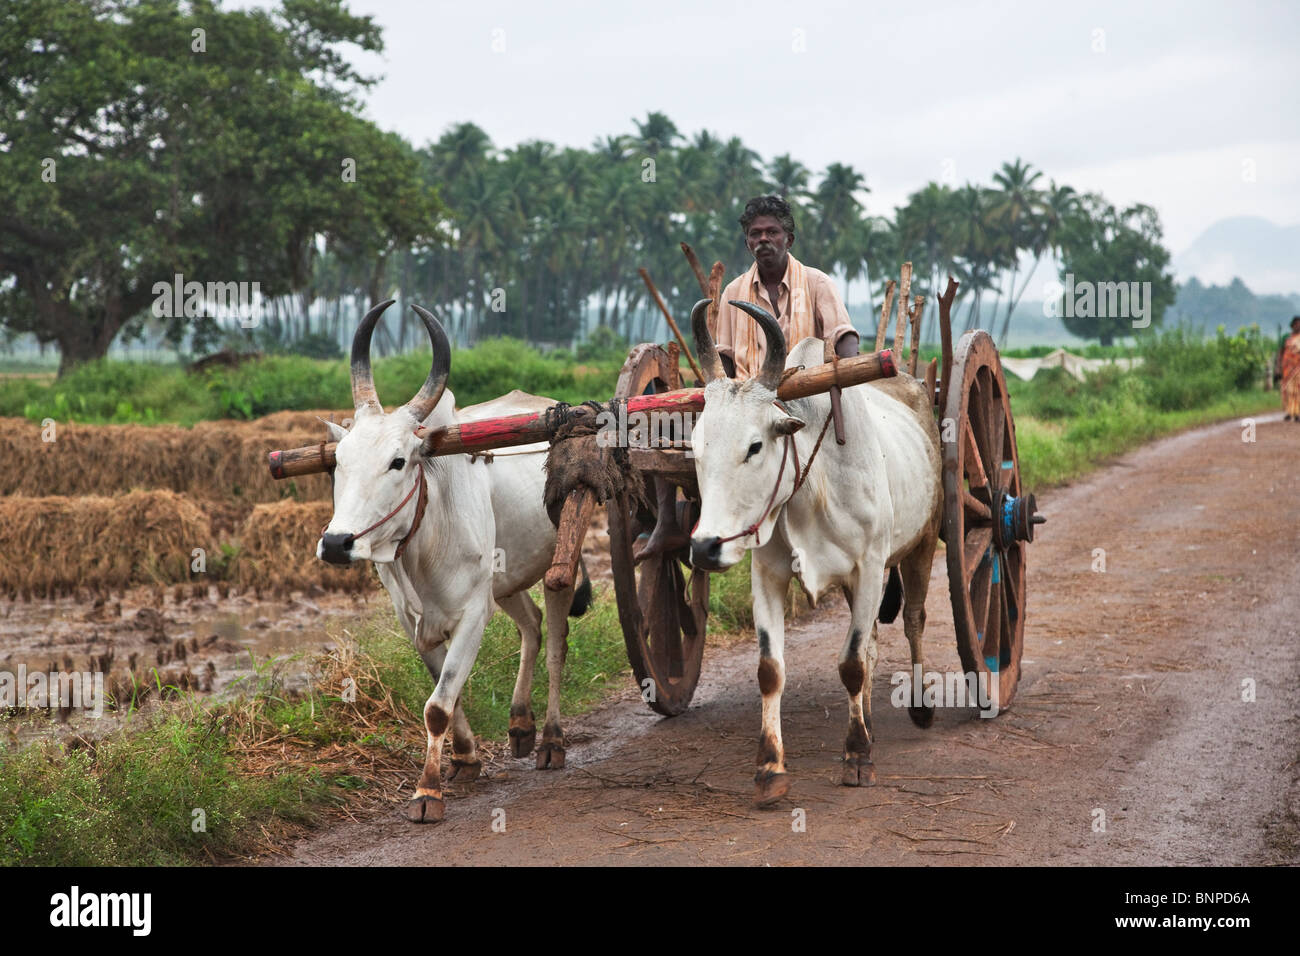 Ceb,( Bos primigenius indicus) o (Bos indicus), son un tipo de ganado doméstico que están altamente adaptados Imagen De Stock